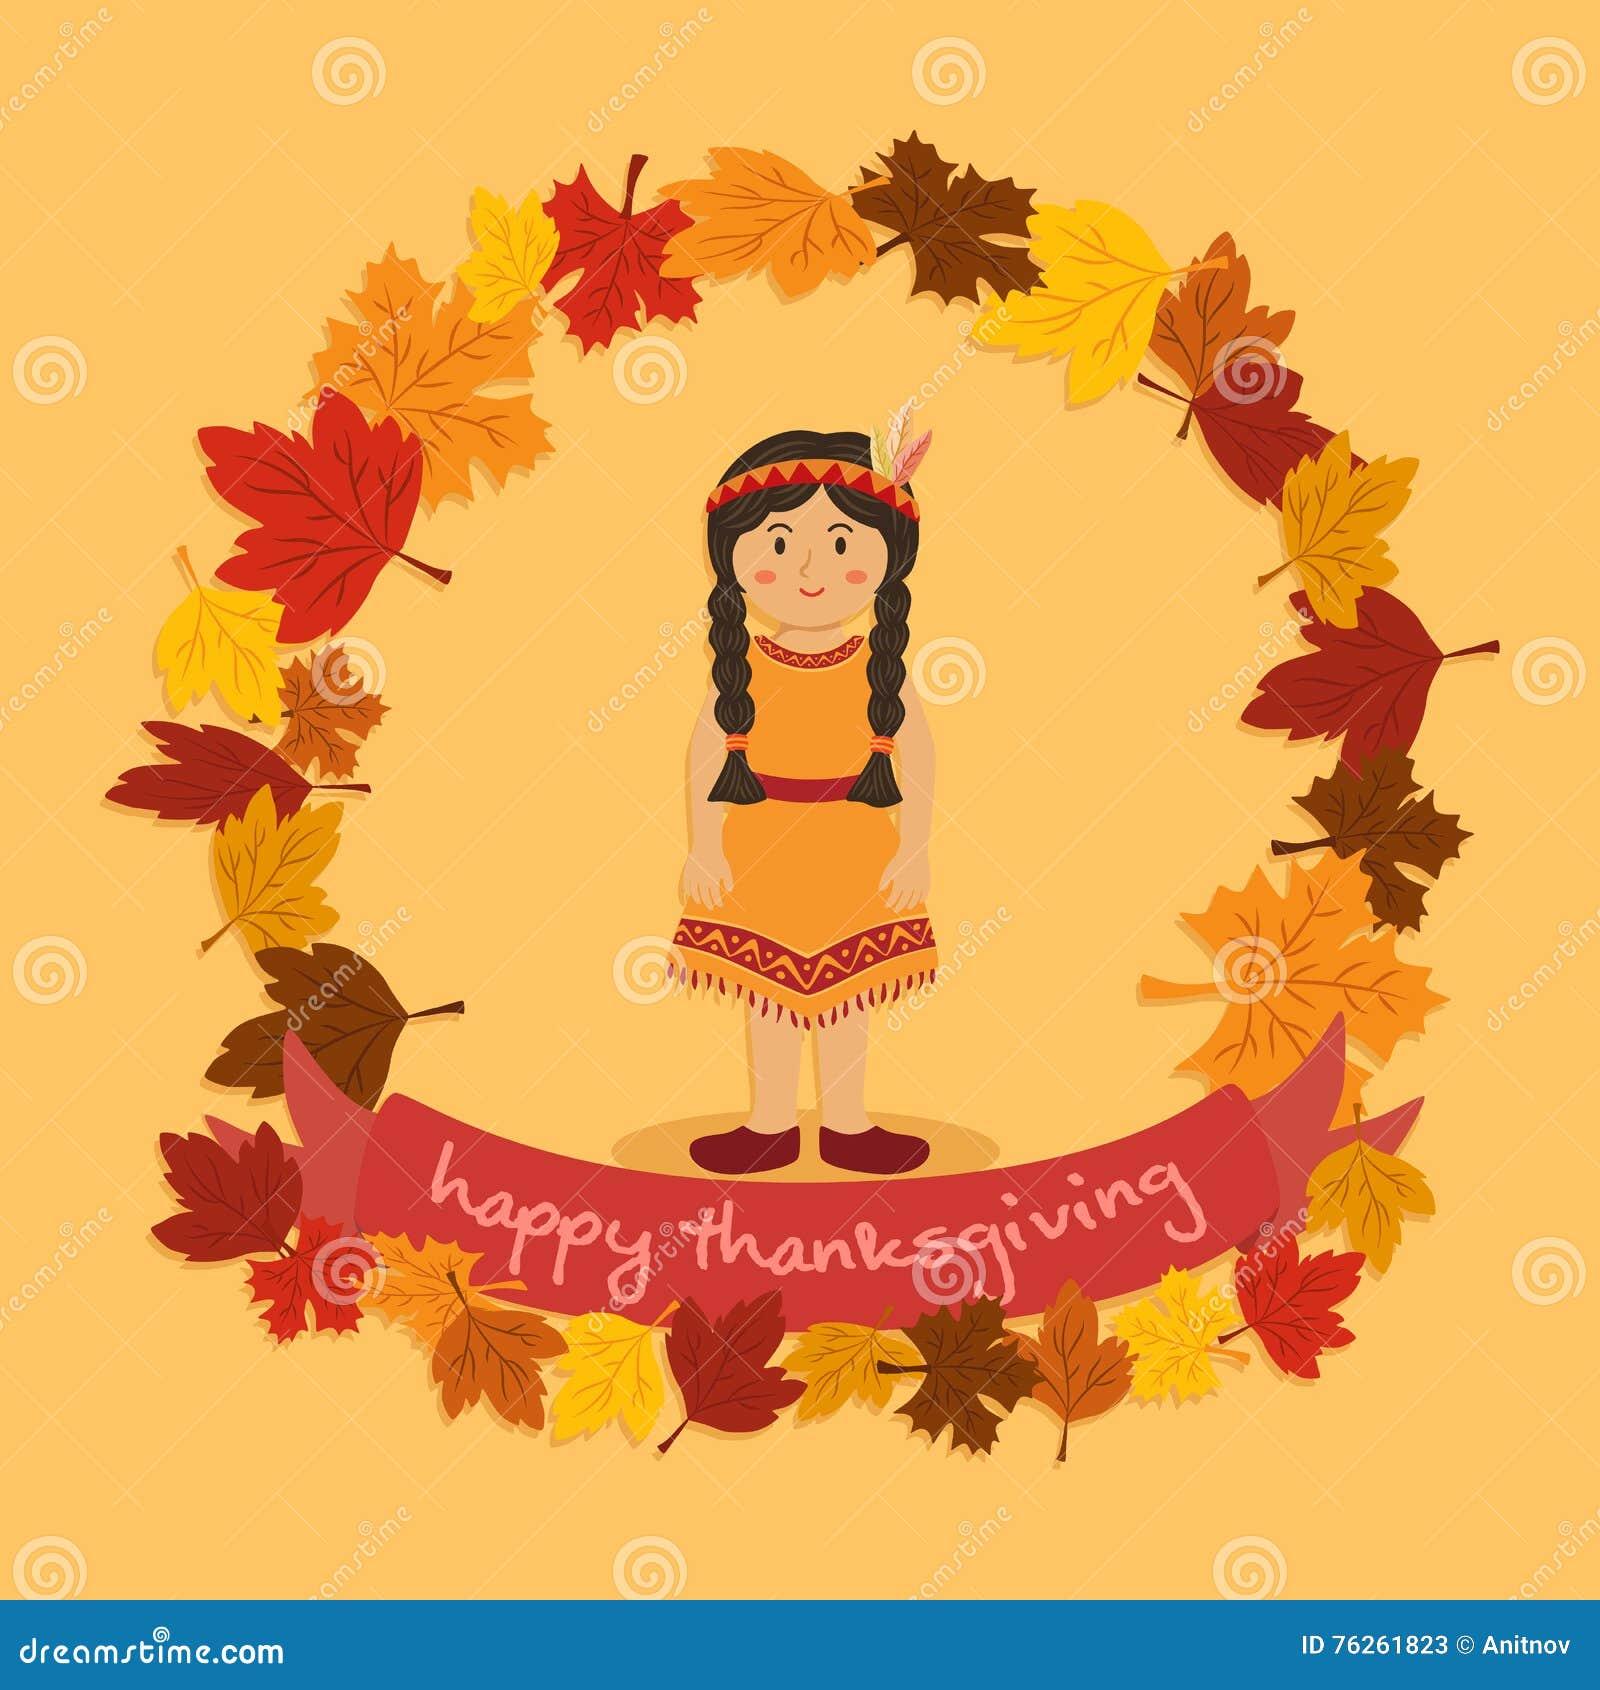 Circle Autumn Leaf Thanksgiving Indian Braid Girl Vector Cartoon